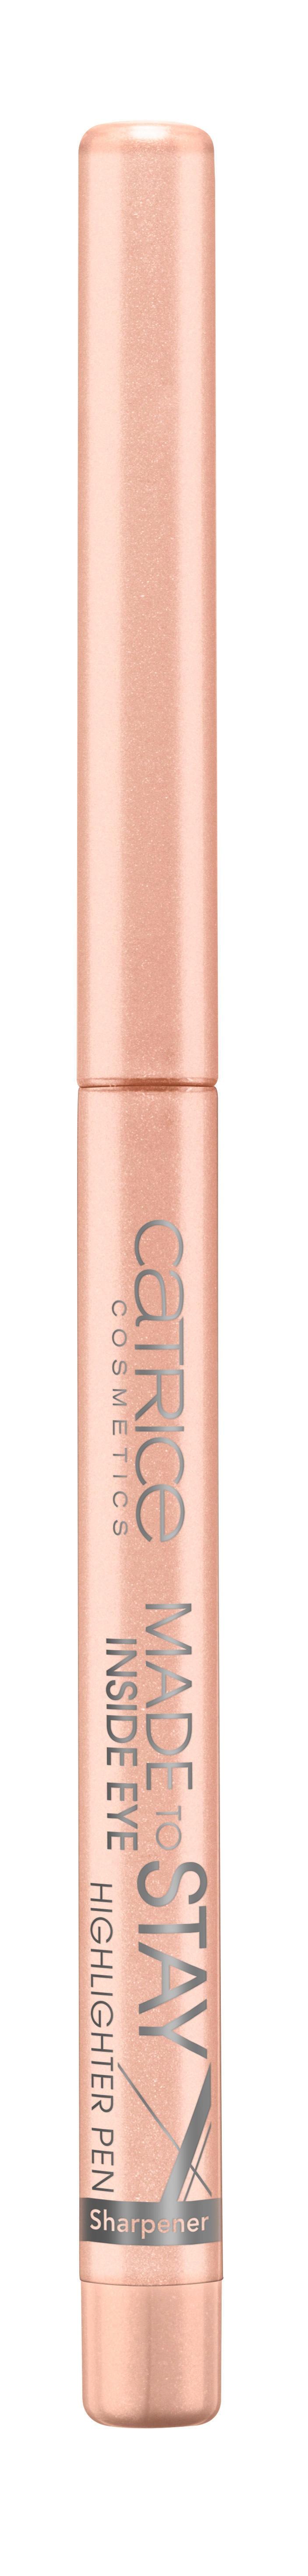 CATRICE Контур для глаз Made Stay Inside Eye Highlighter Pen 010 розово-бежевый, 0,3гр1301210Идеальный карандаш для выполнения макияжа Smokey Eyes. Стойкий, хорошо тушуется, имеет восковую основу. Создает мягкий эффектный контур